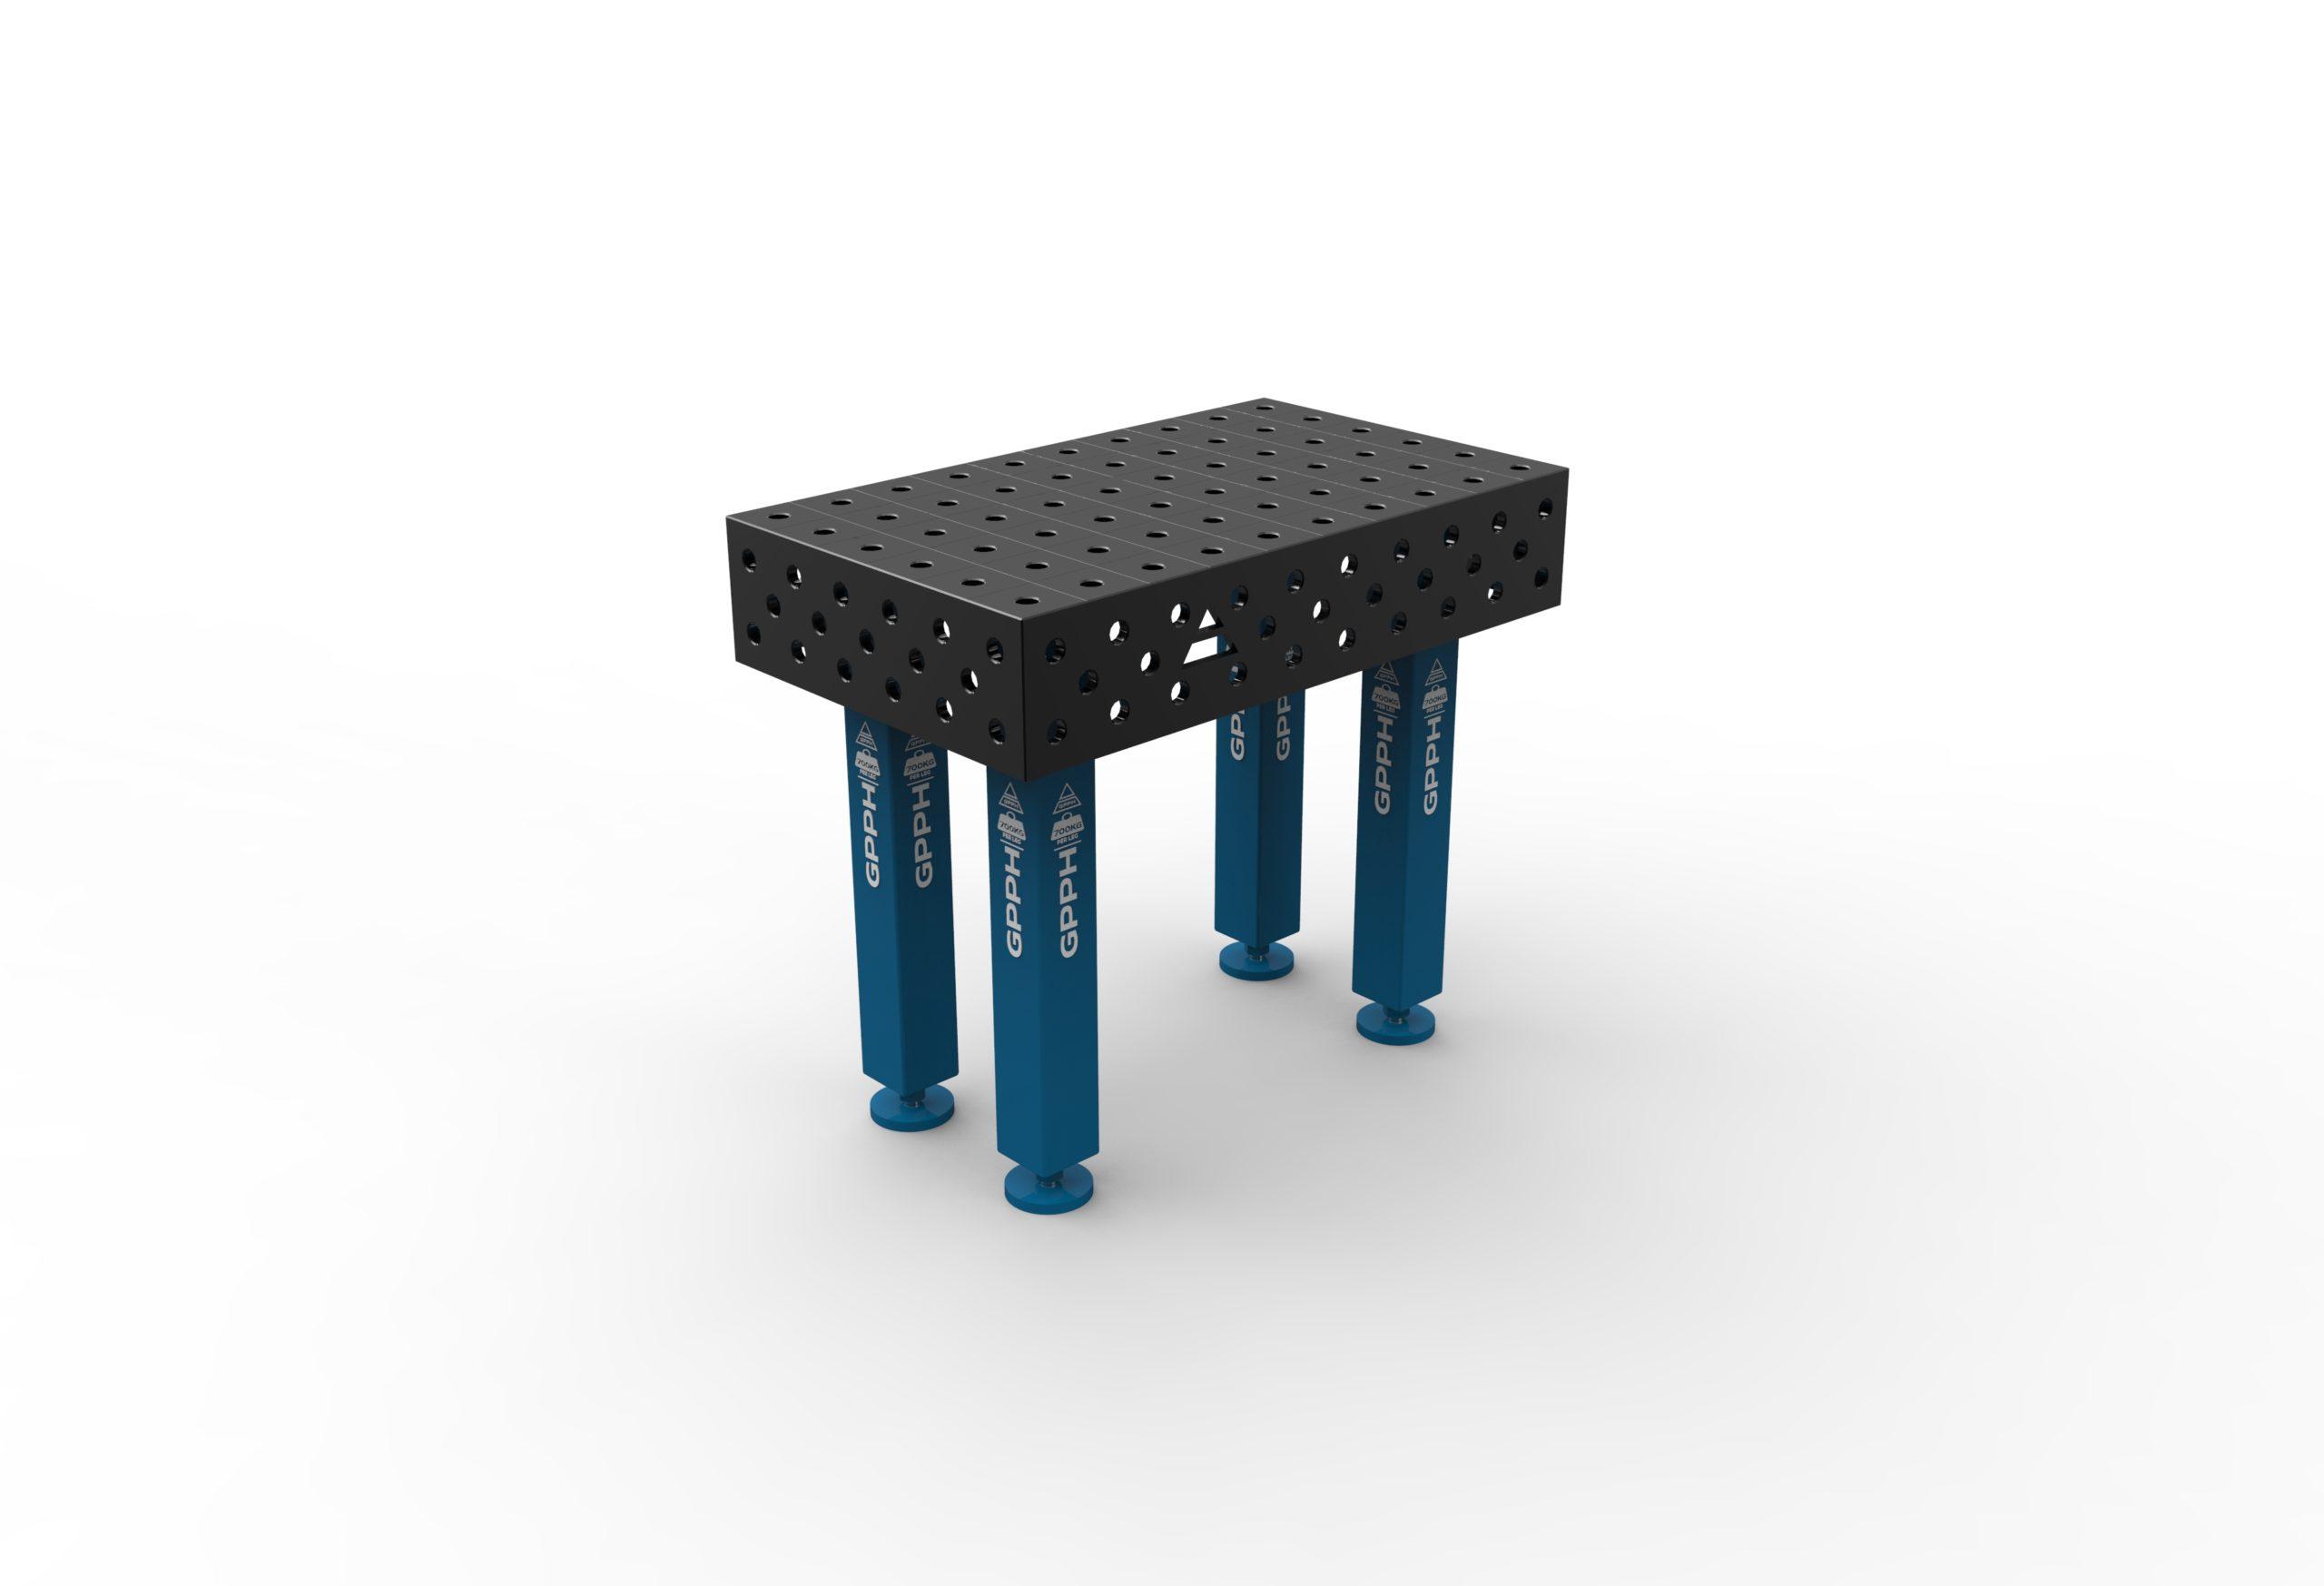 Table de soudage PRO 1000 x 600 mm de GPPH